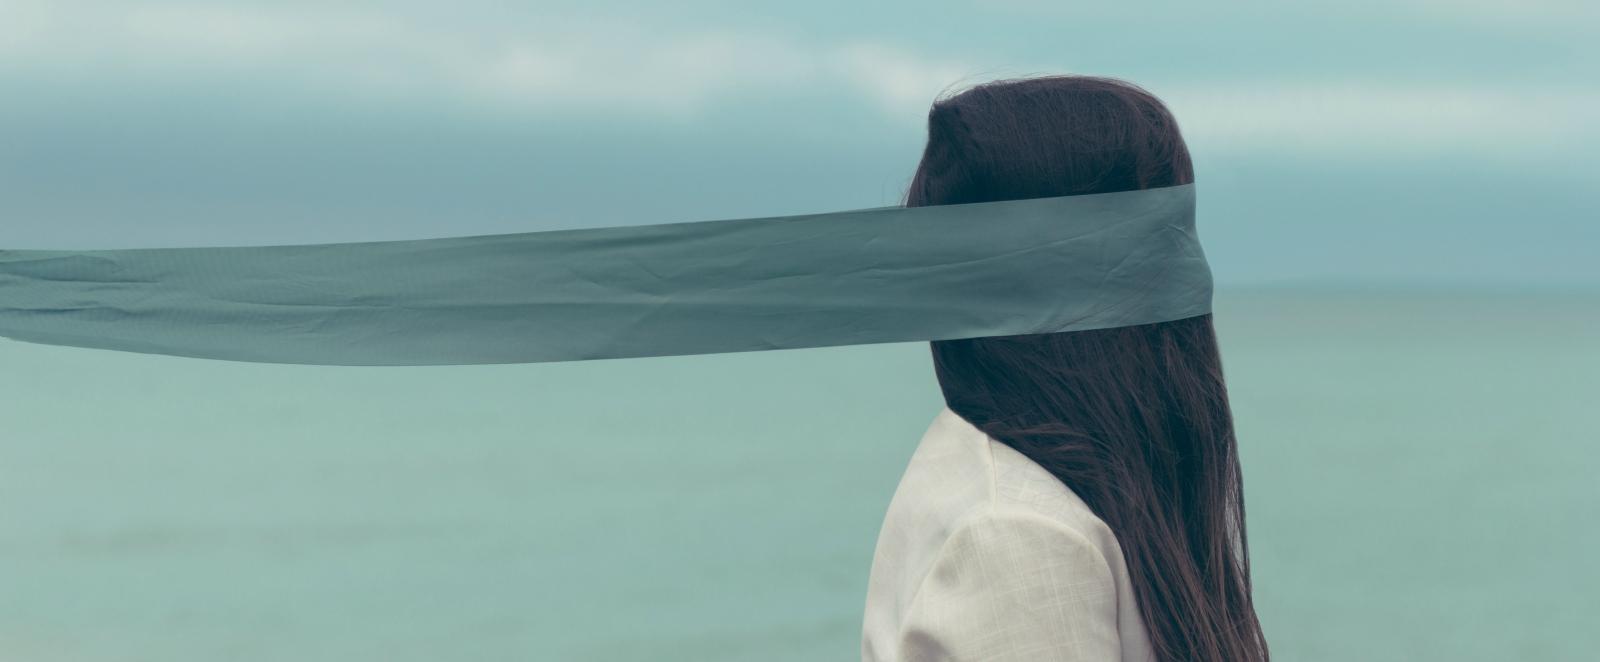 Understanding my intense dreams | Edgar Cayce's A R E